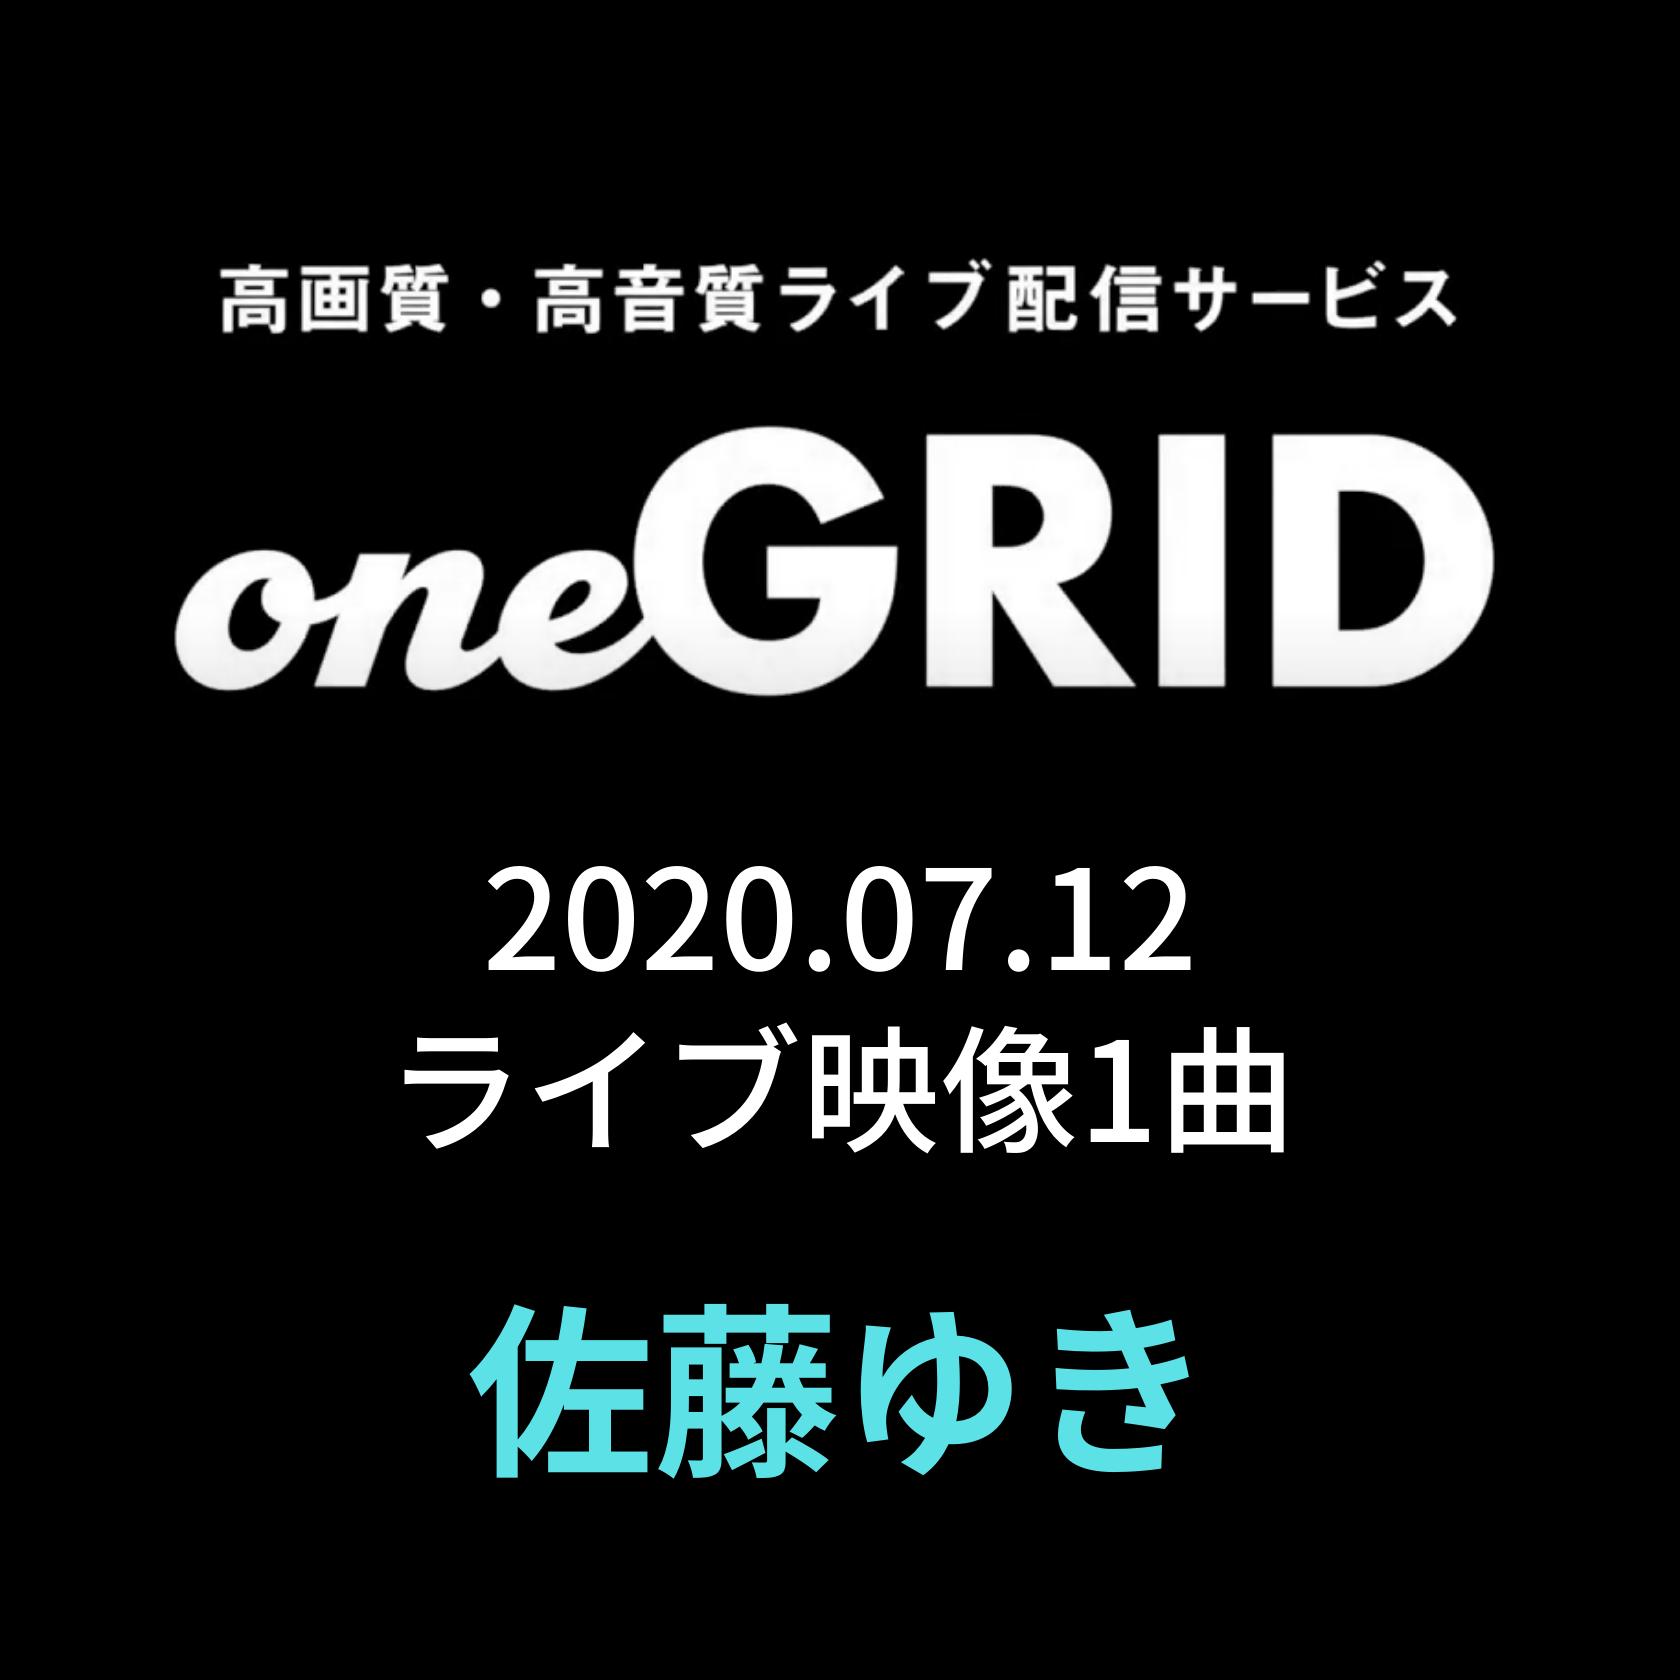 7/12 佐藤ゆき Live映像